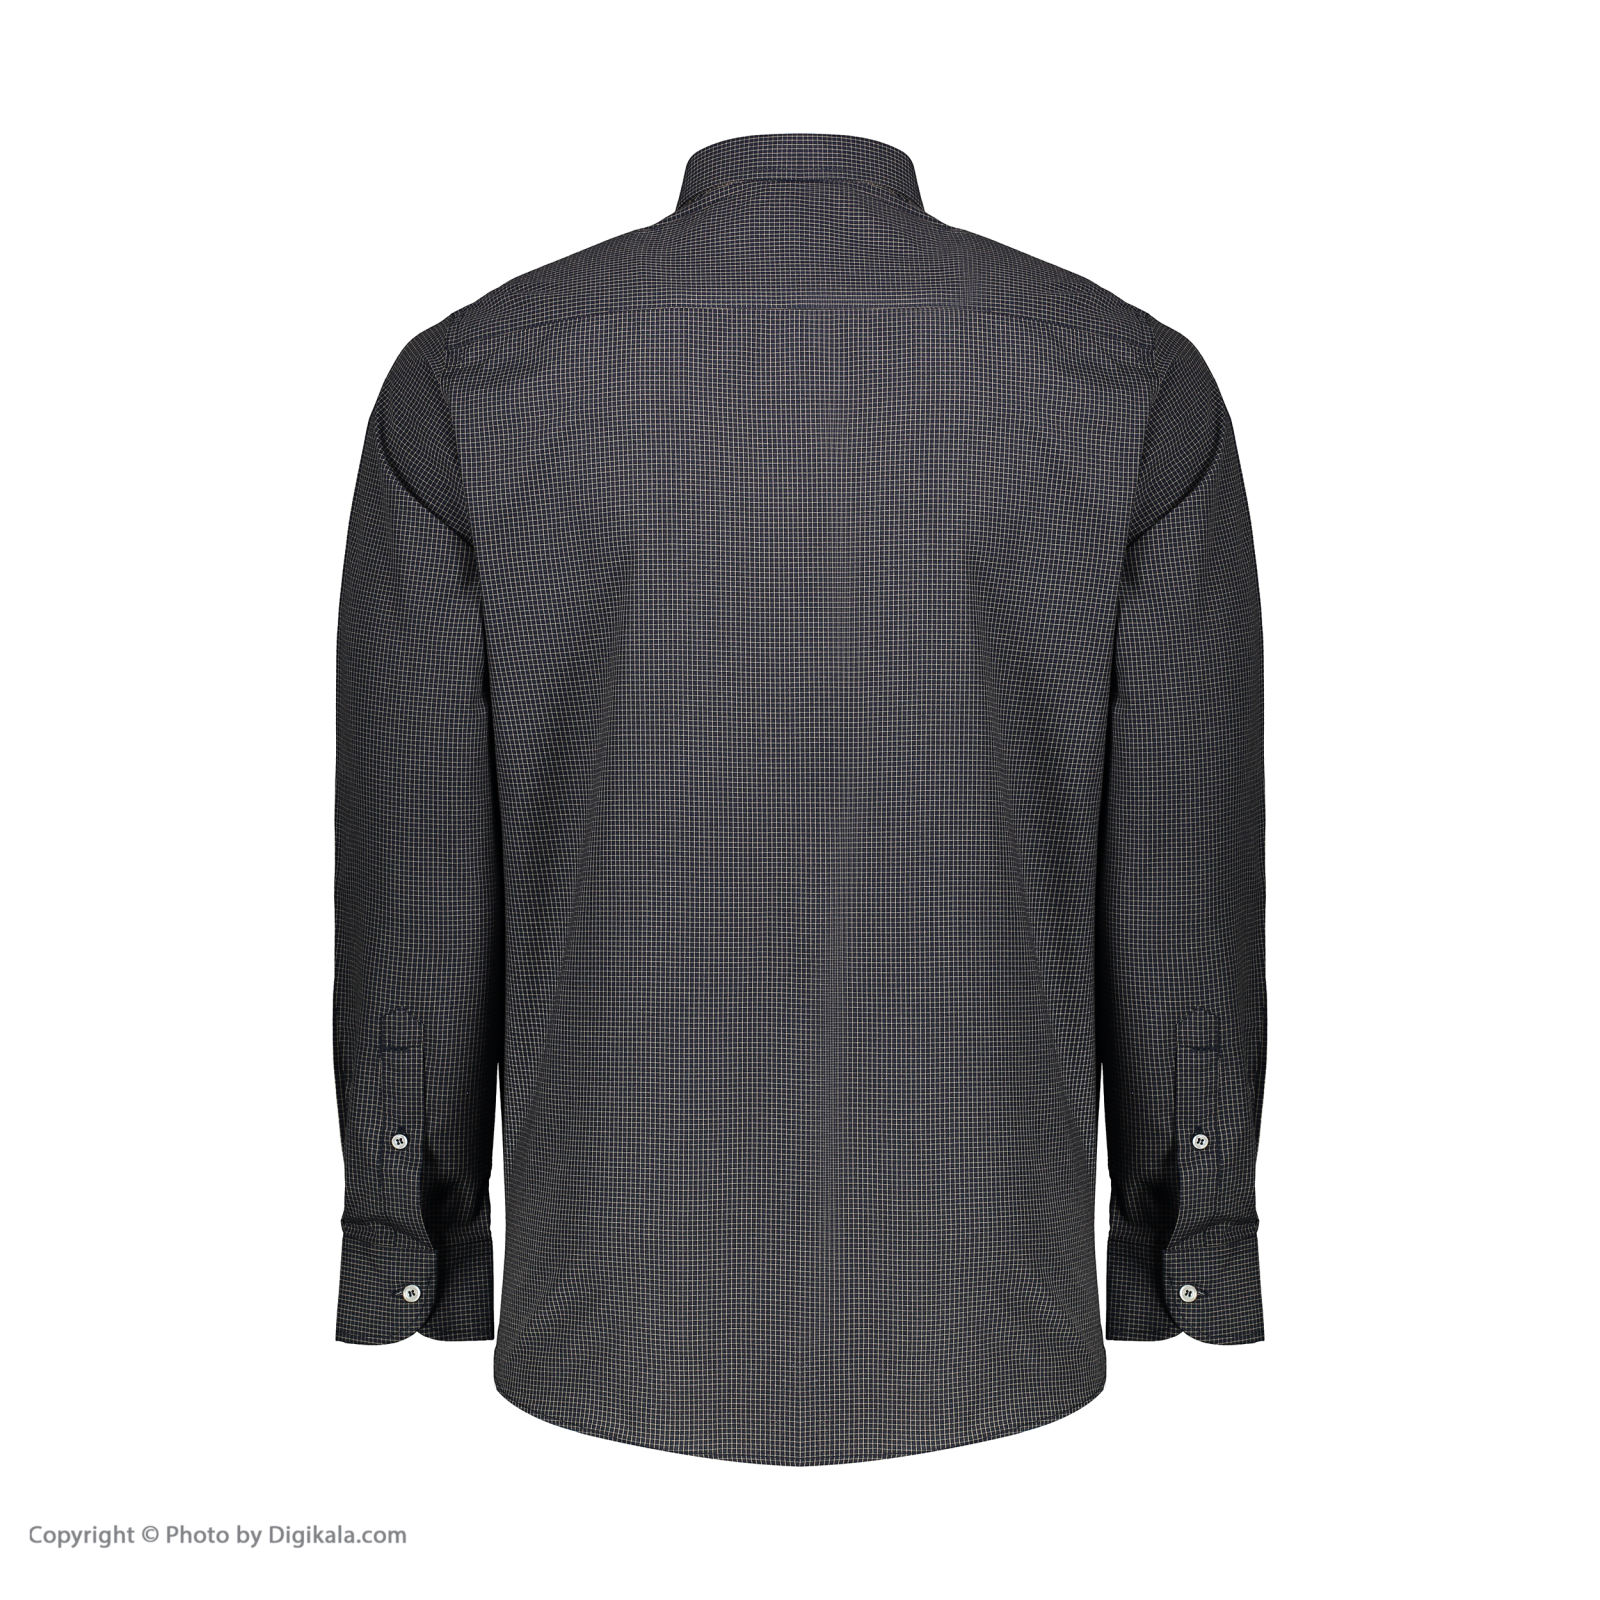 پیراهن مردانه زی مدل 15311855916 -  - 4